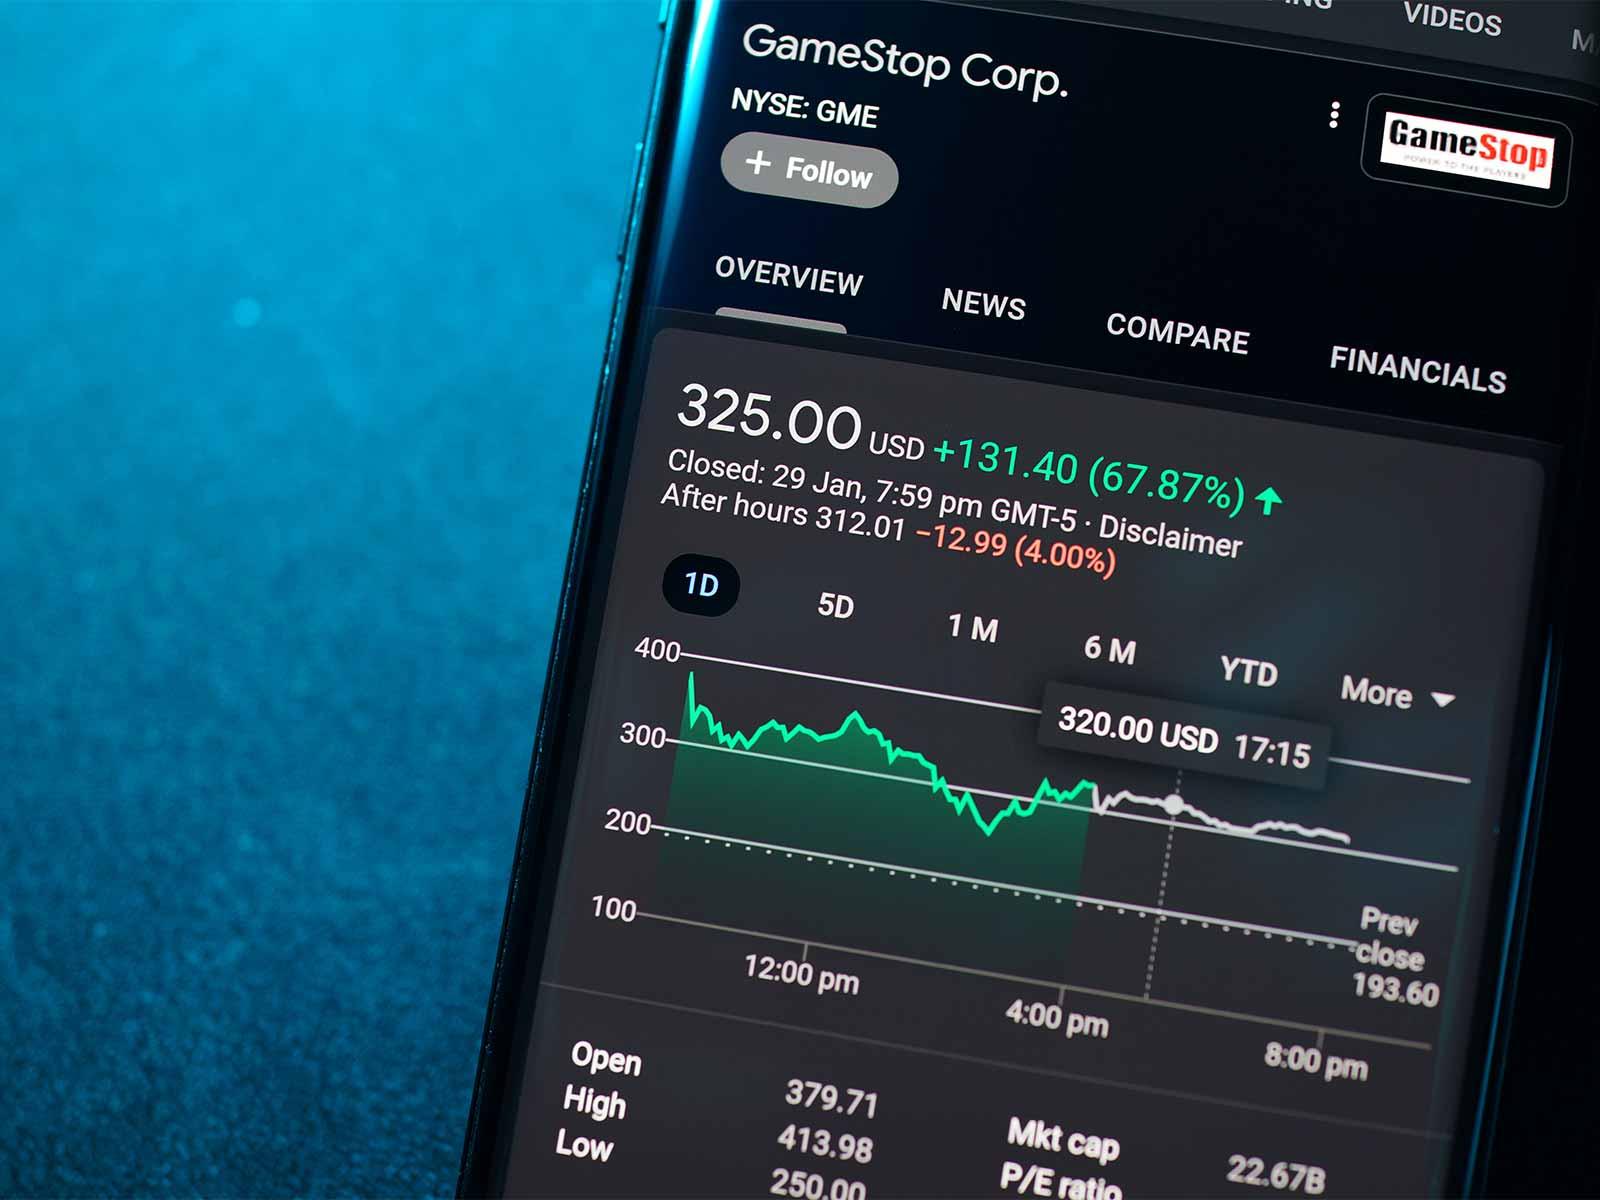 robinhood automatizzato per il trading azionario cosa significa il volume degli scambi di criptovalute